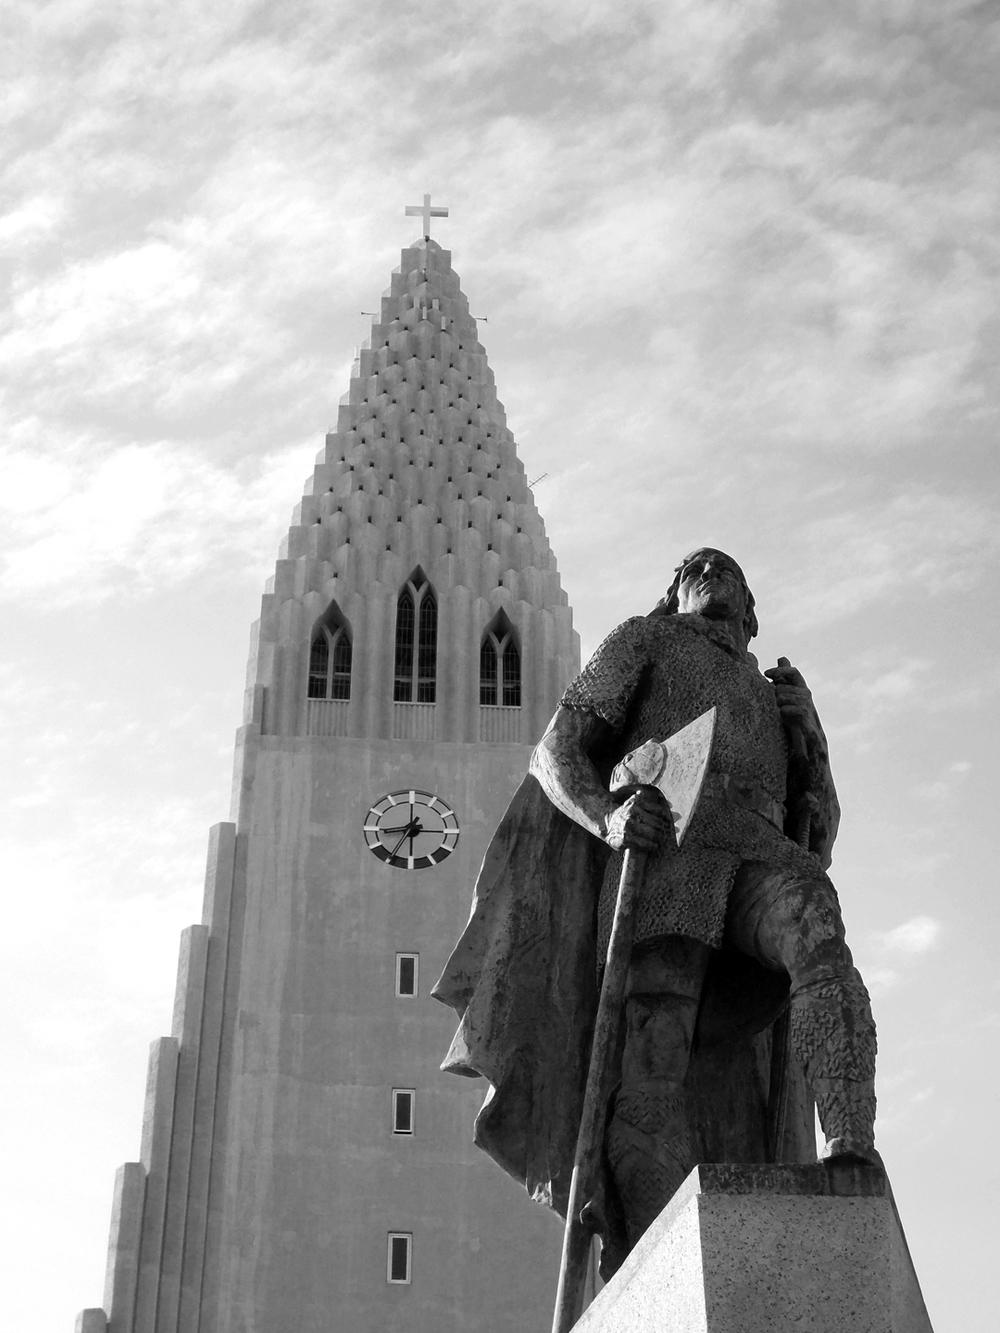 Leif Erikson statue and the Hallgrimskirkja, Reykjavik June 2013